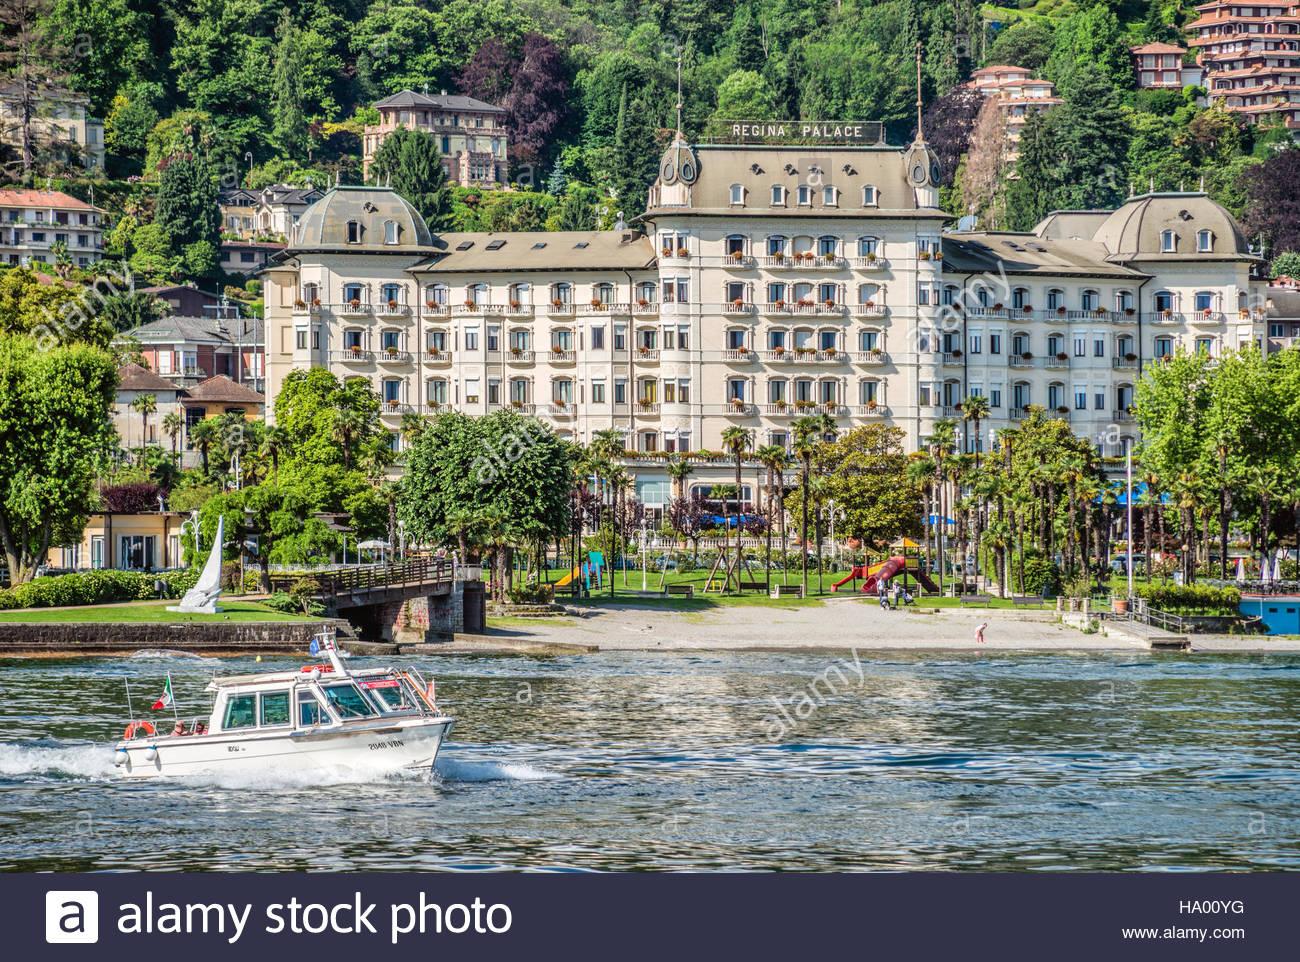 Regina Palace Hotel At The Waterfront Of Stresa At Lago